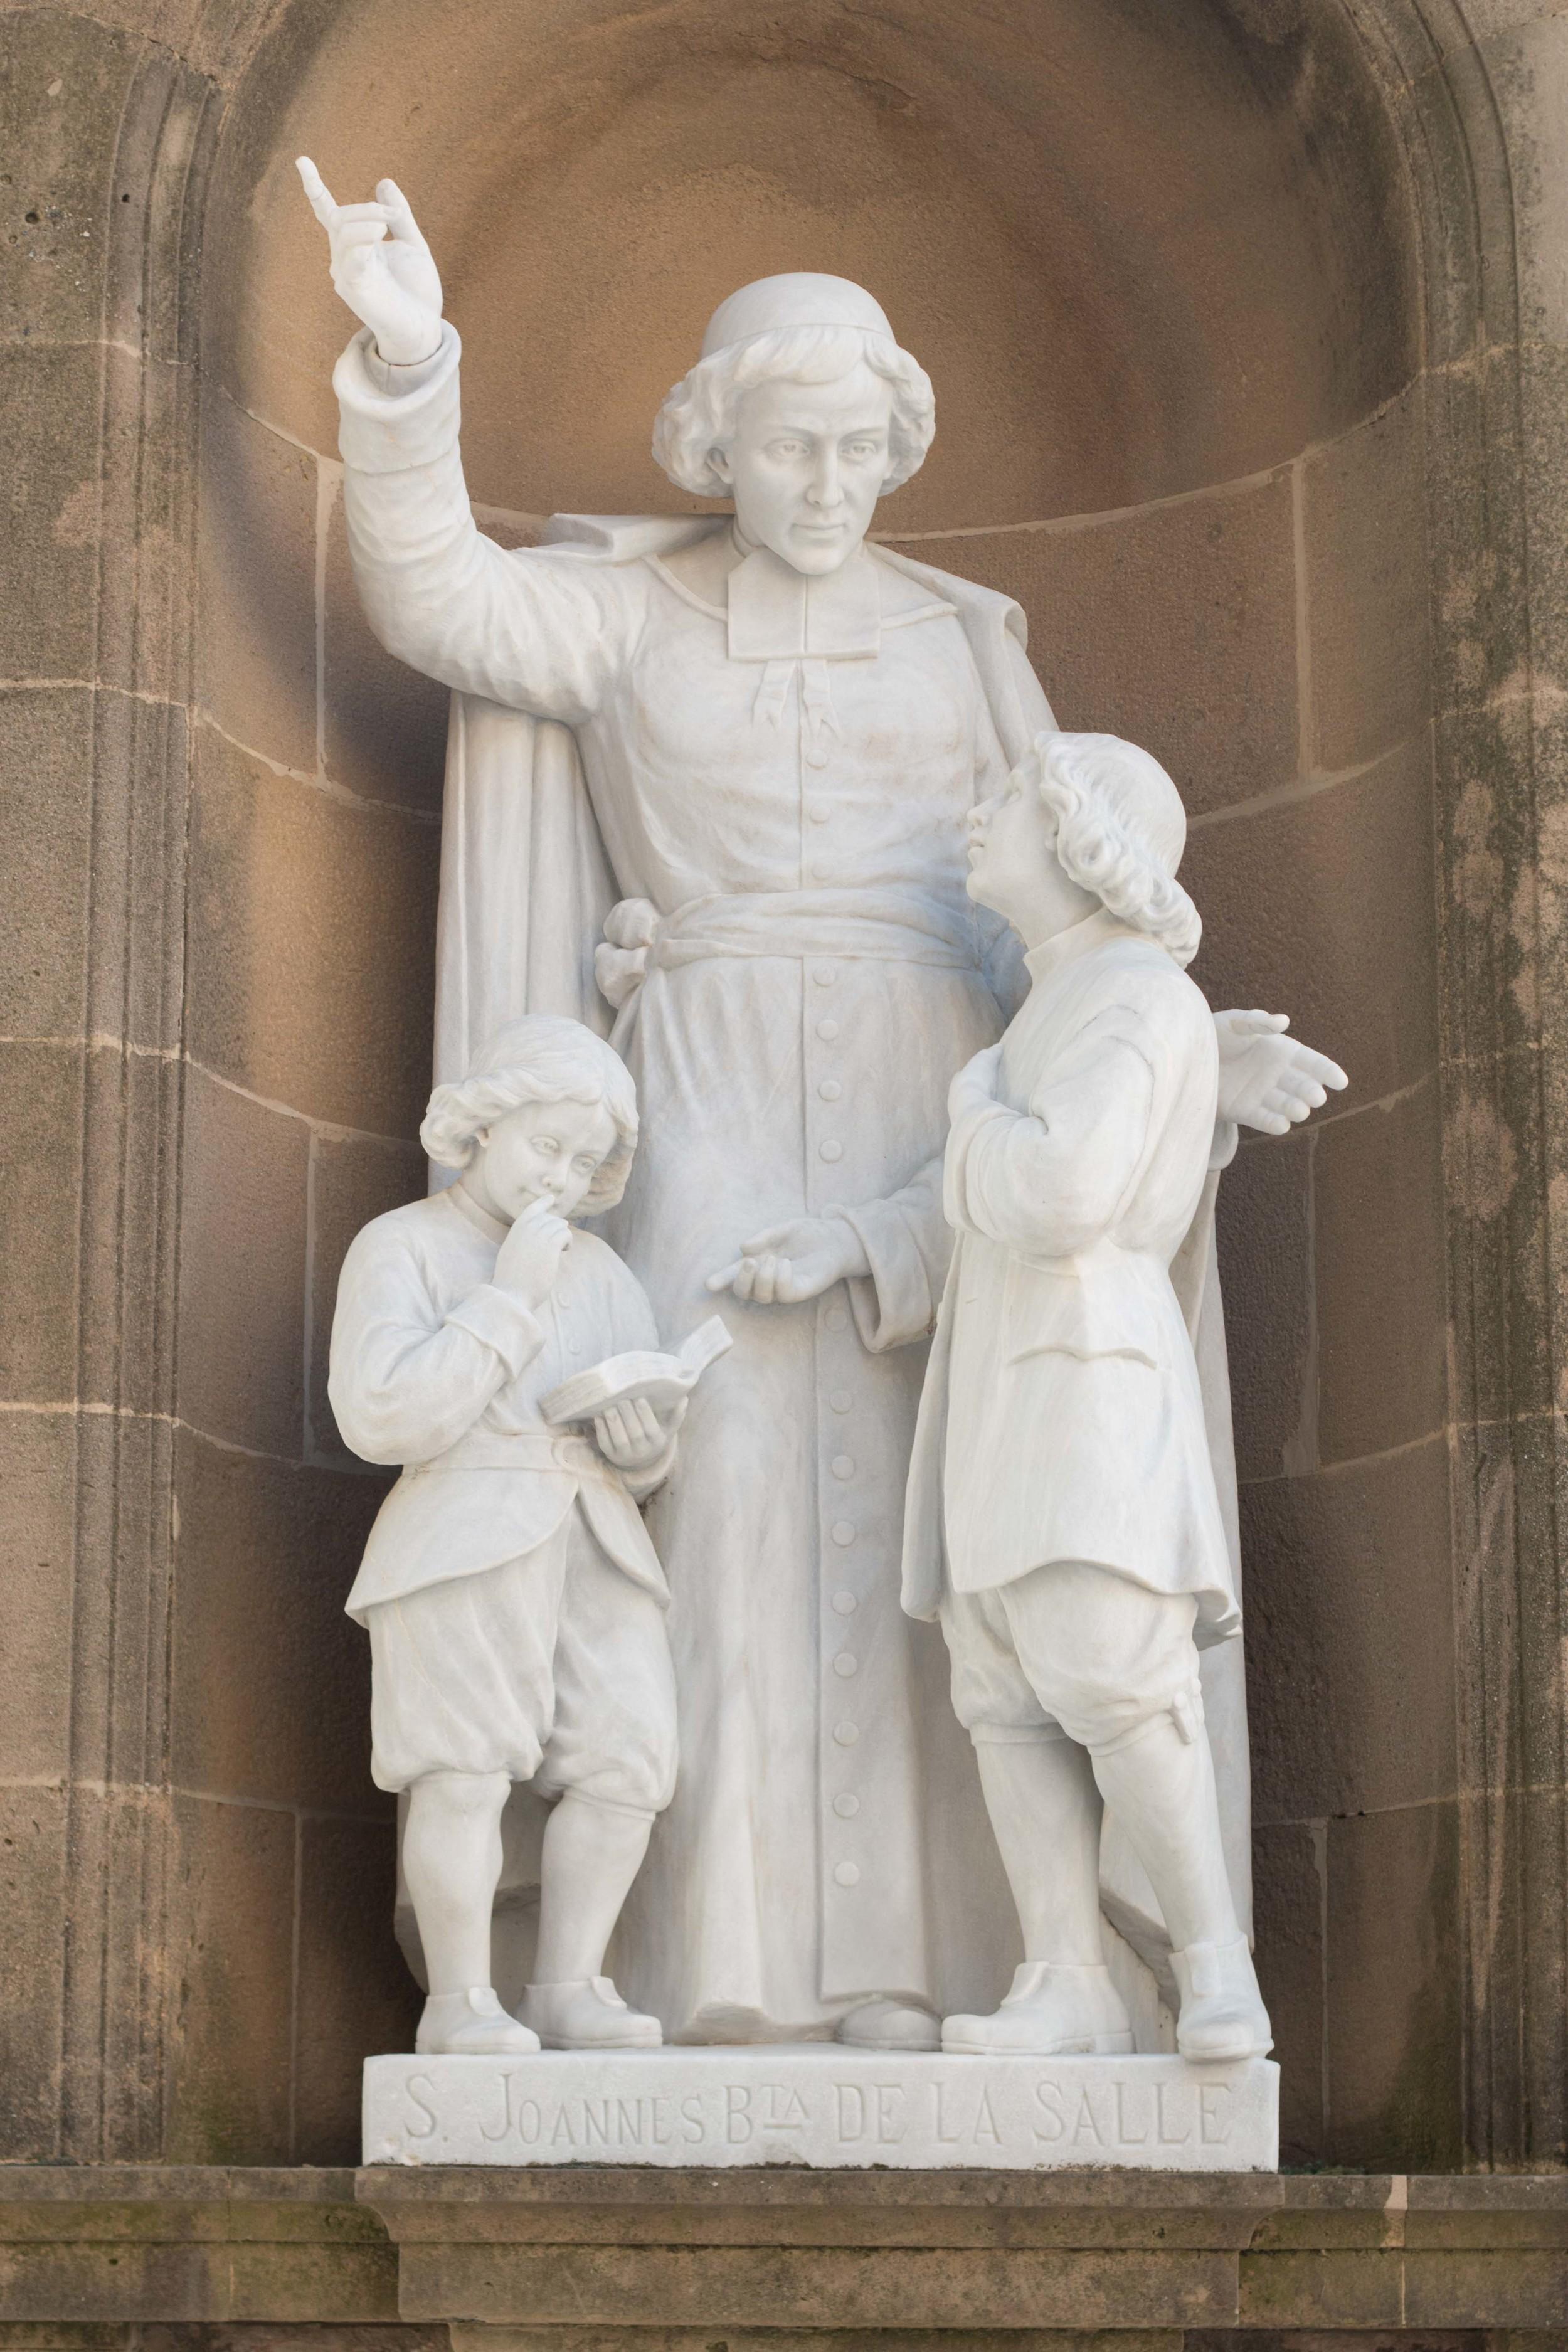 Statue of St. JOHANNES de la Salle